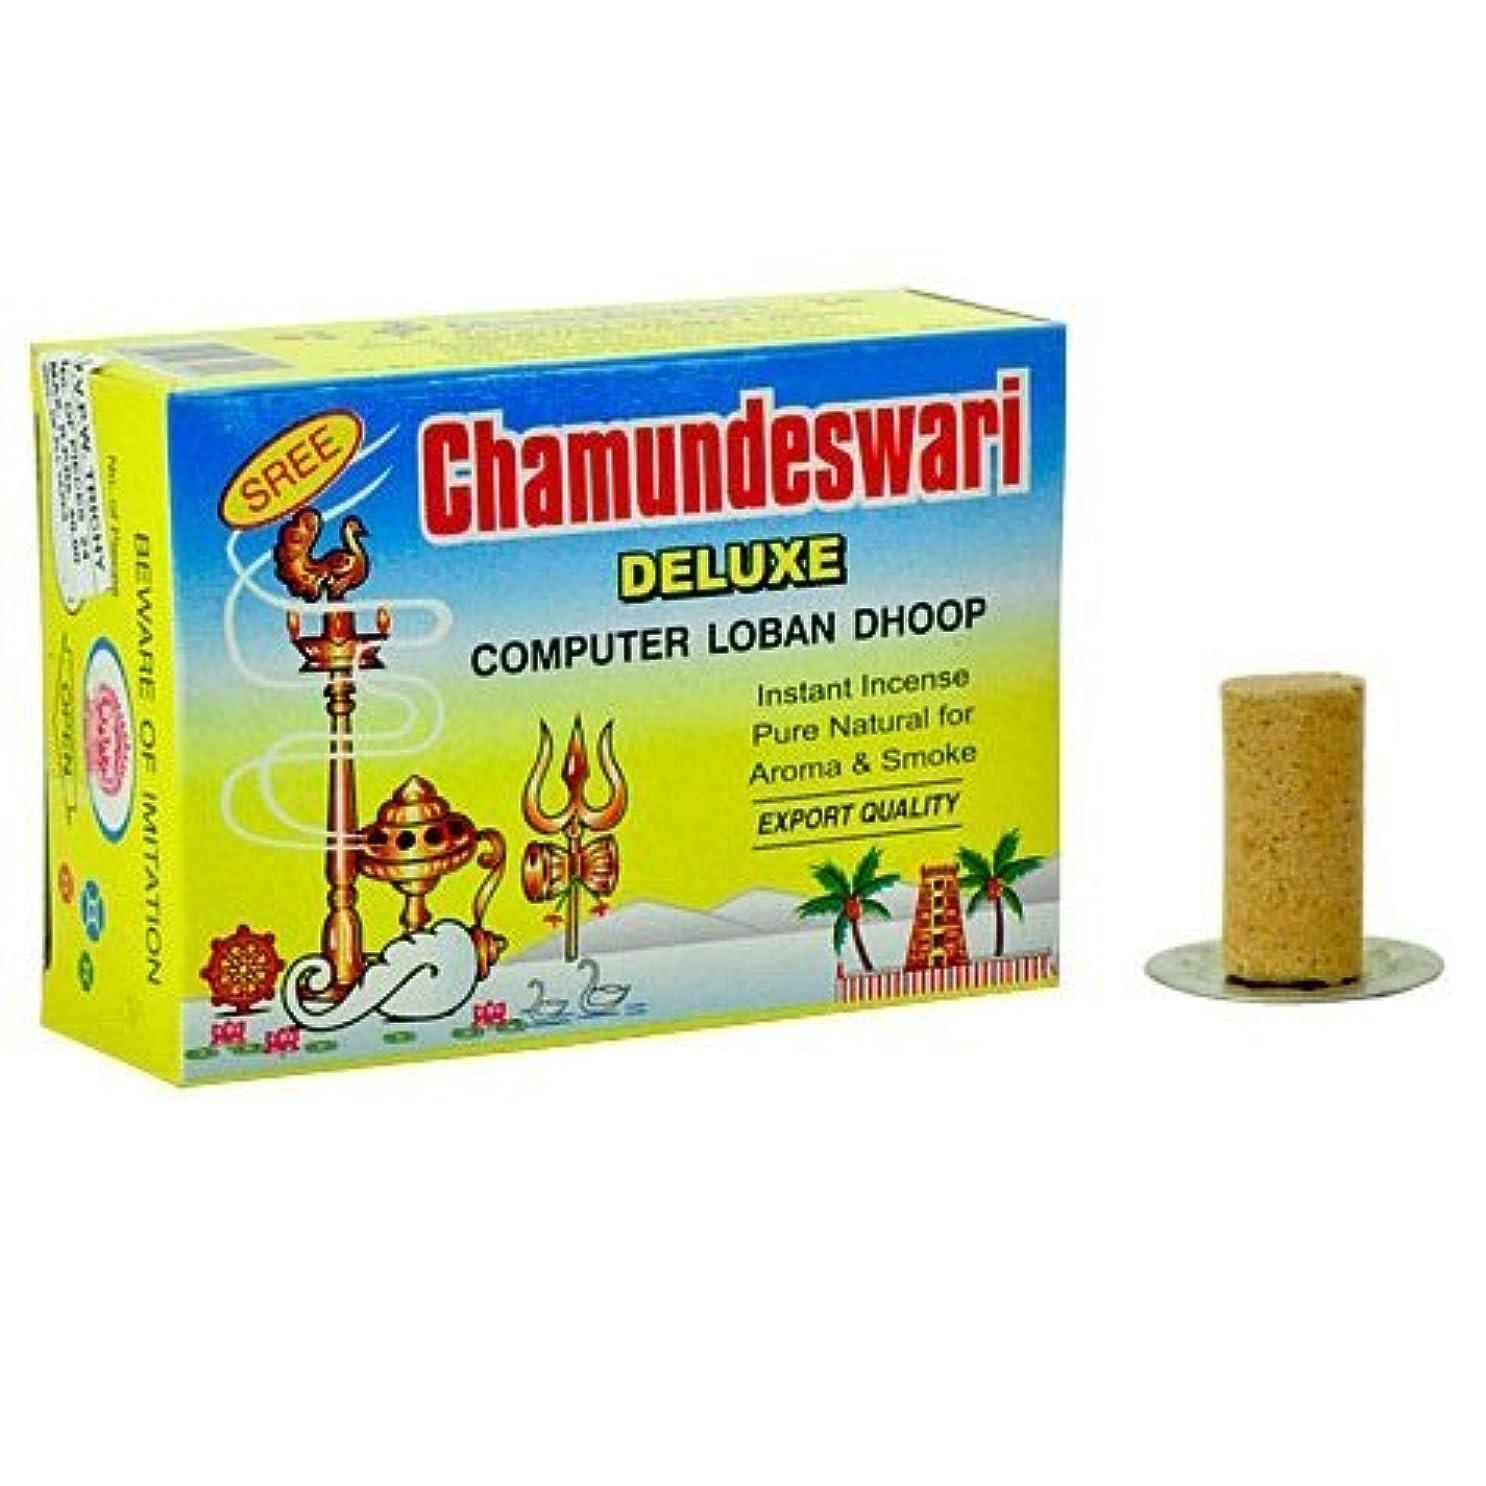 検出する関連するペッカディロSree ChamundeswariデラックスコンピュータSambrani Loban Dhoop、1.5